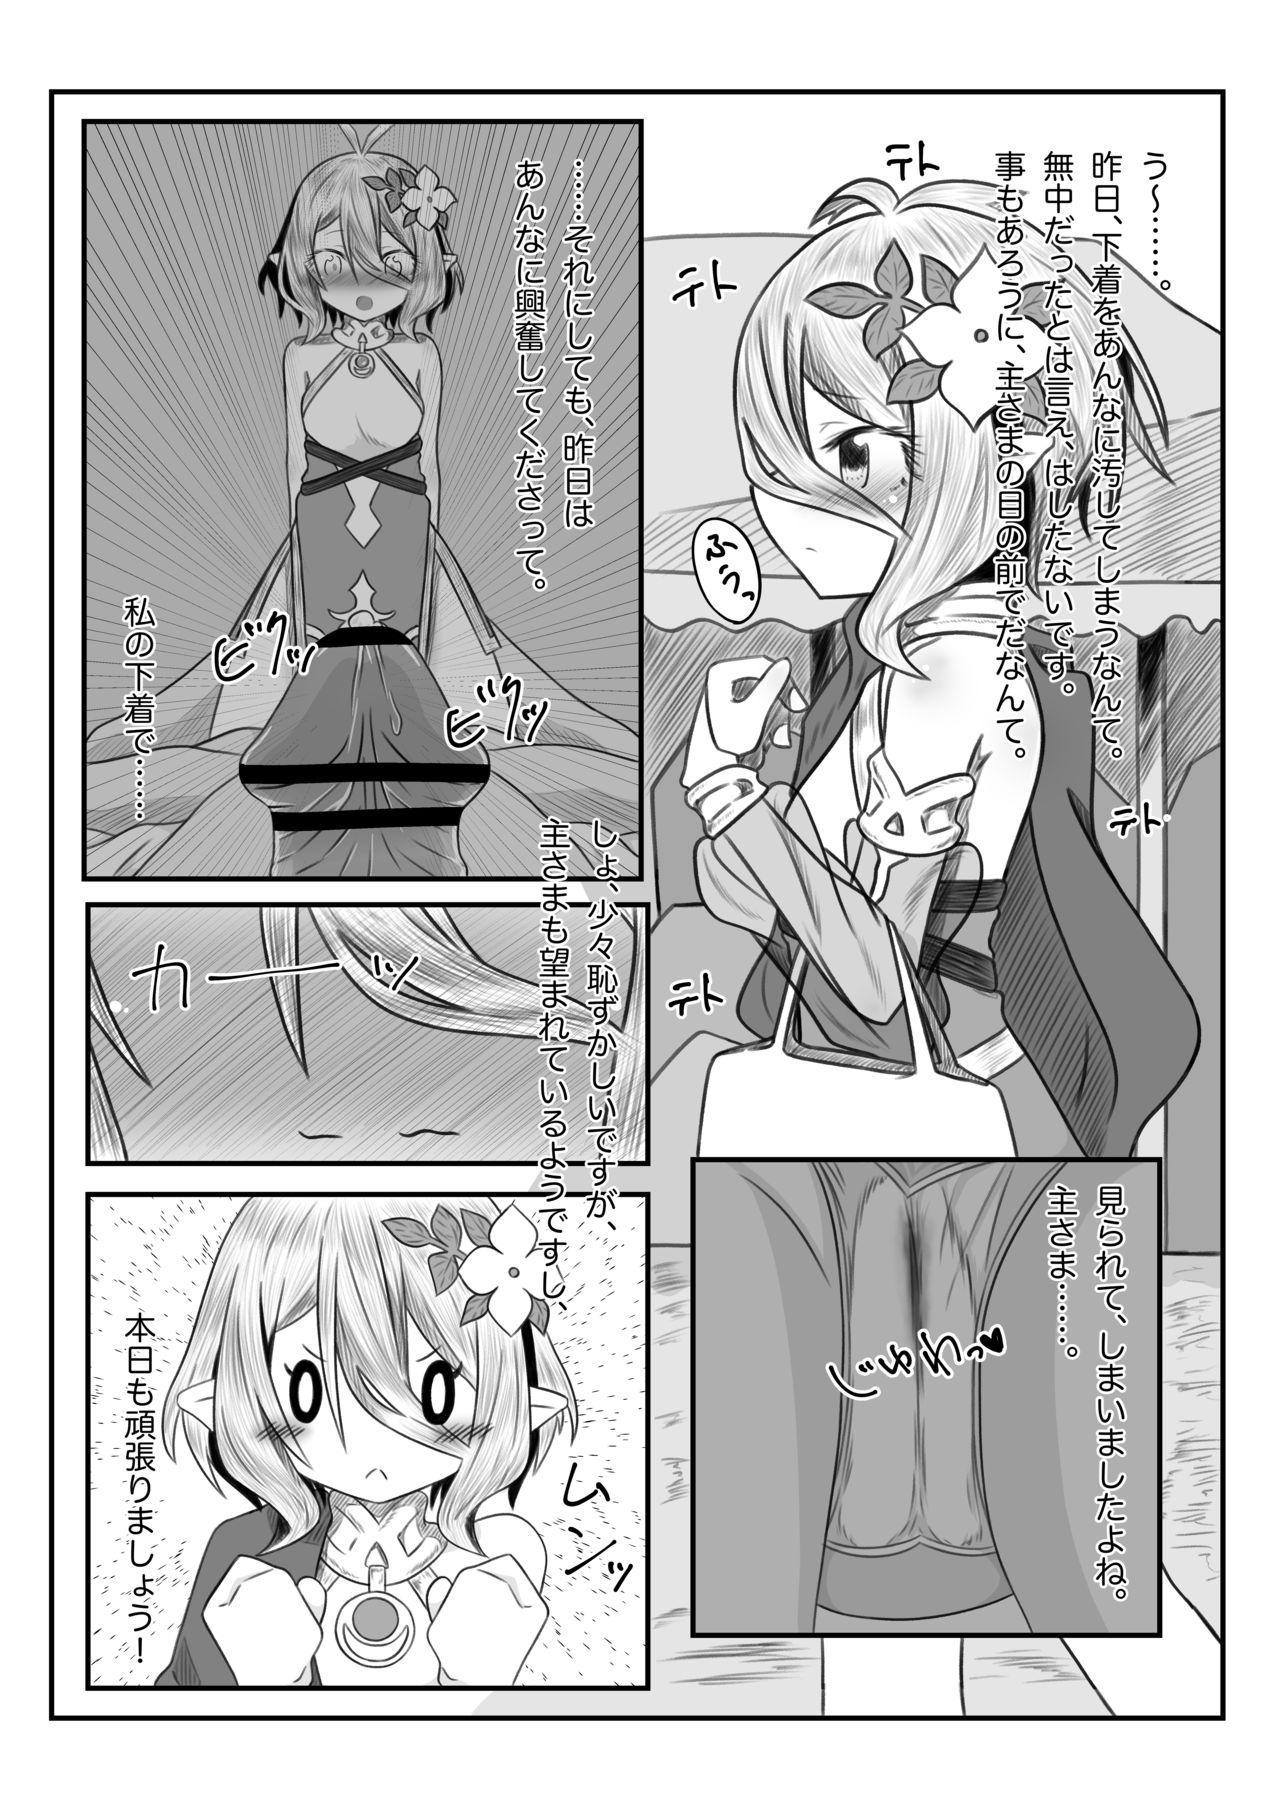 Sore wa amesu-sama ni kinshi sa rete imasu 8